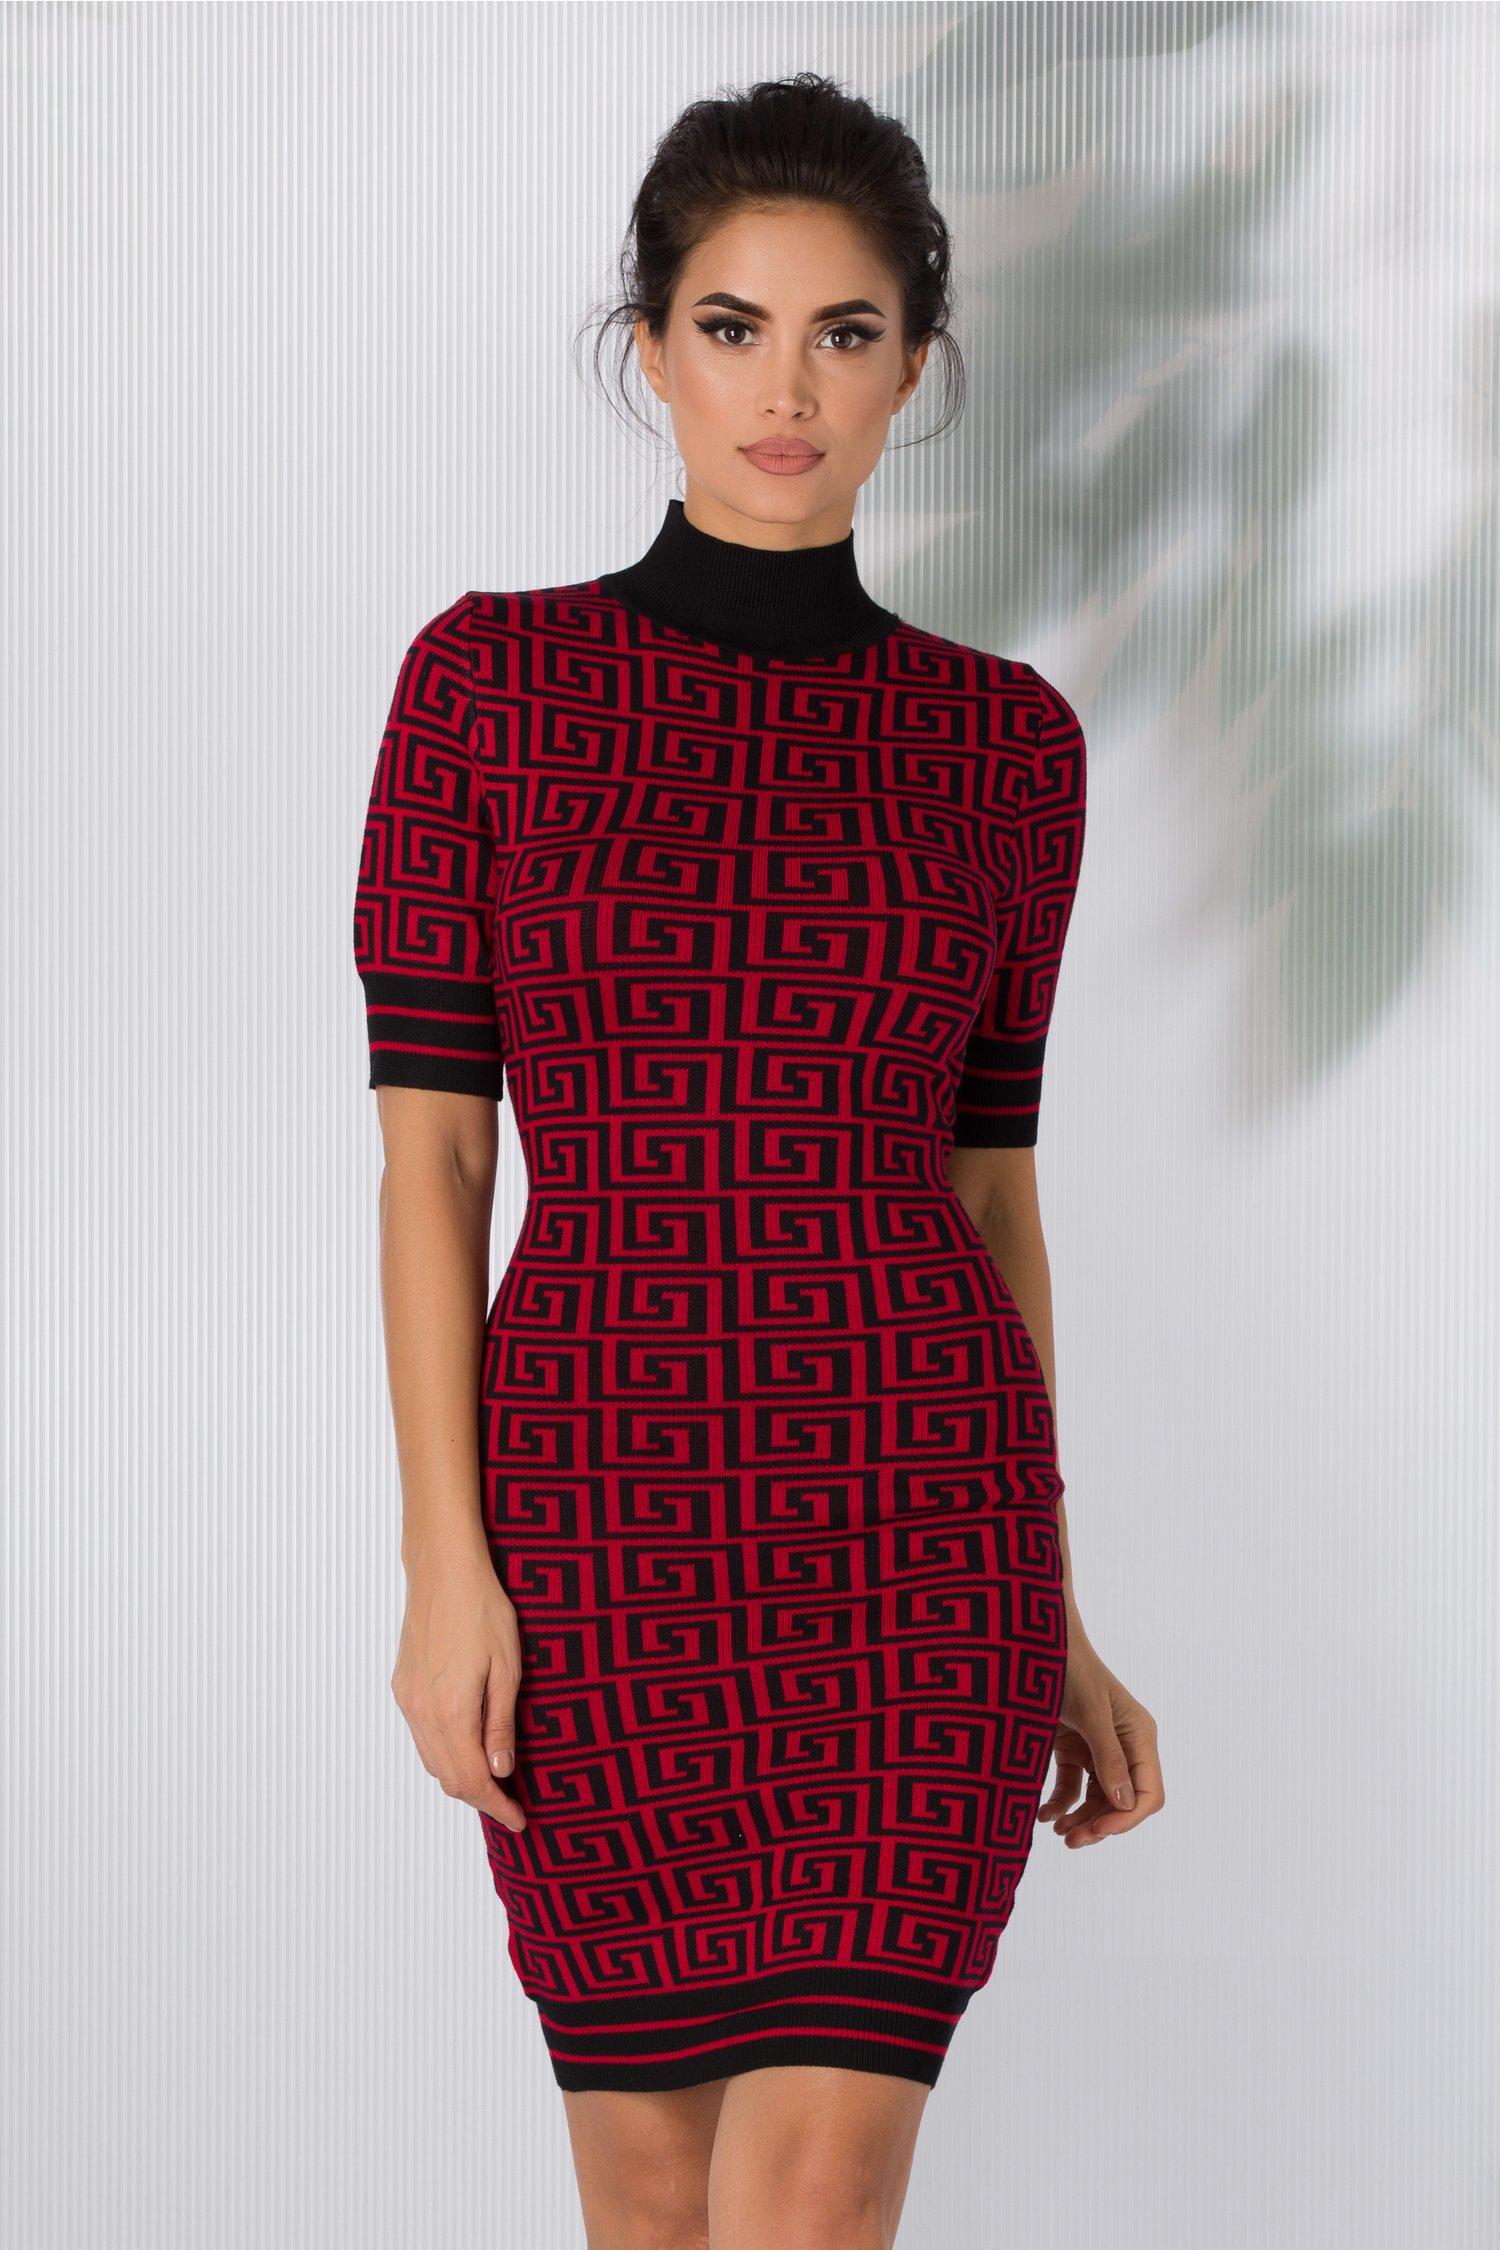 Rochie Alina cu imprimeu geometric rosu-negru